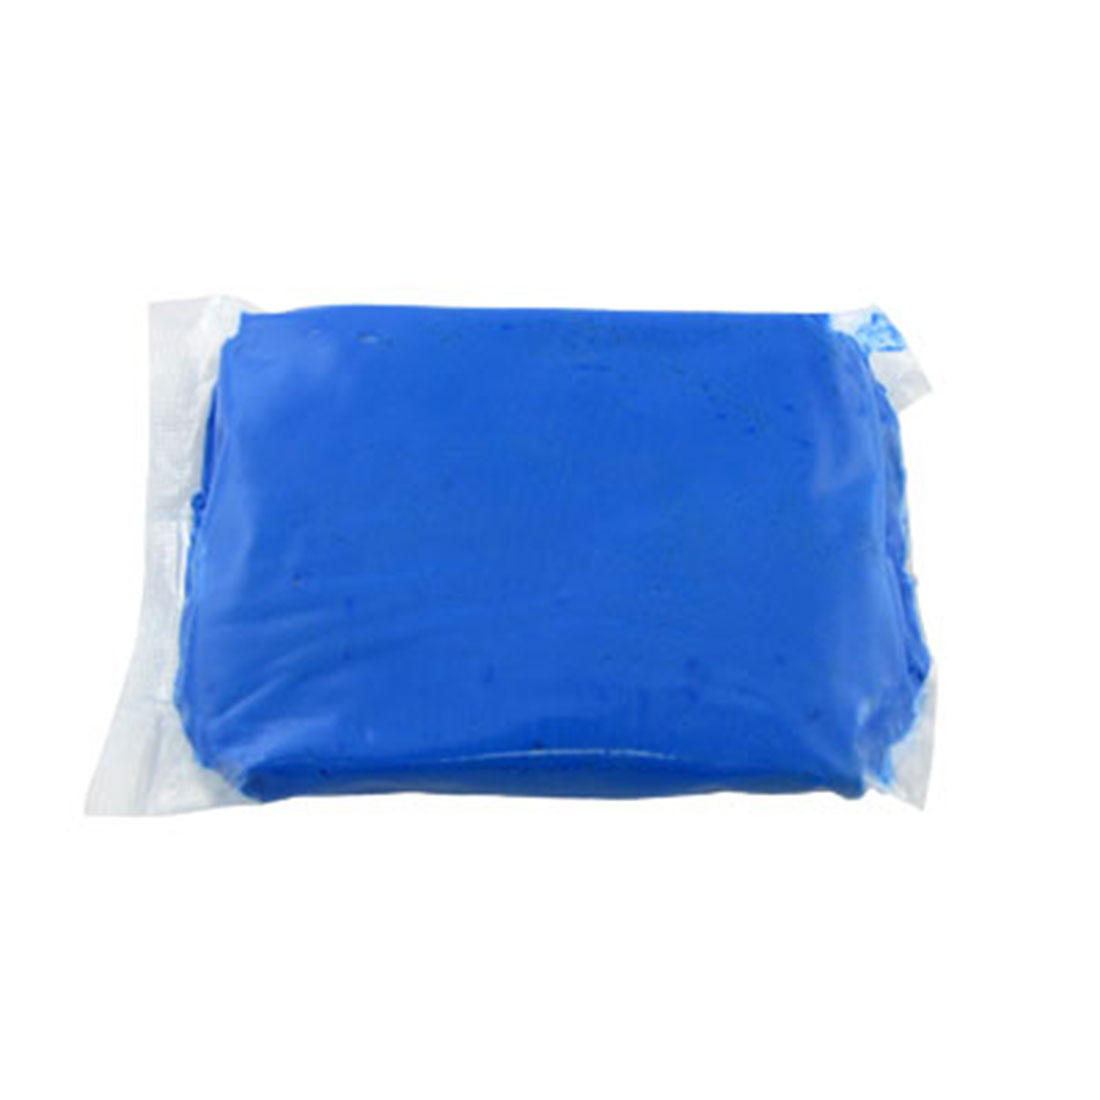 Blue Magic Car Clay Bar Auto Detailing Claybar Cleaner